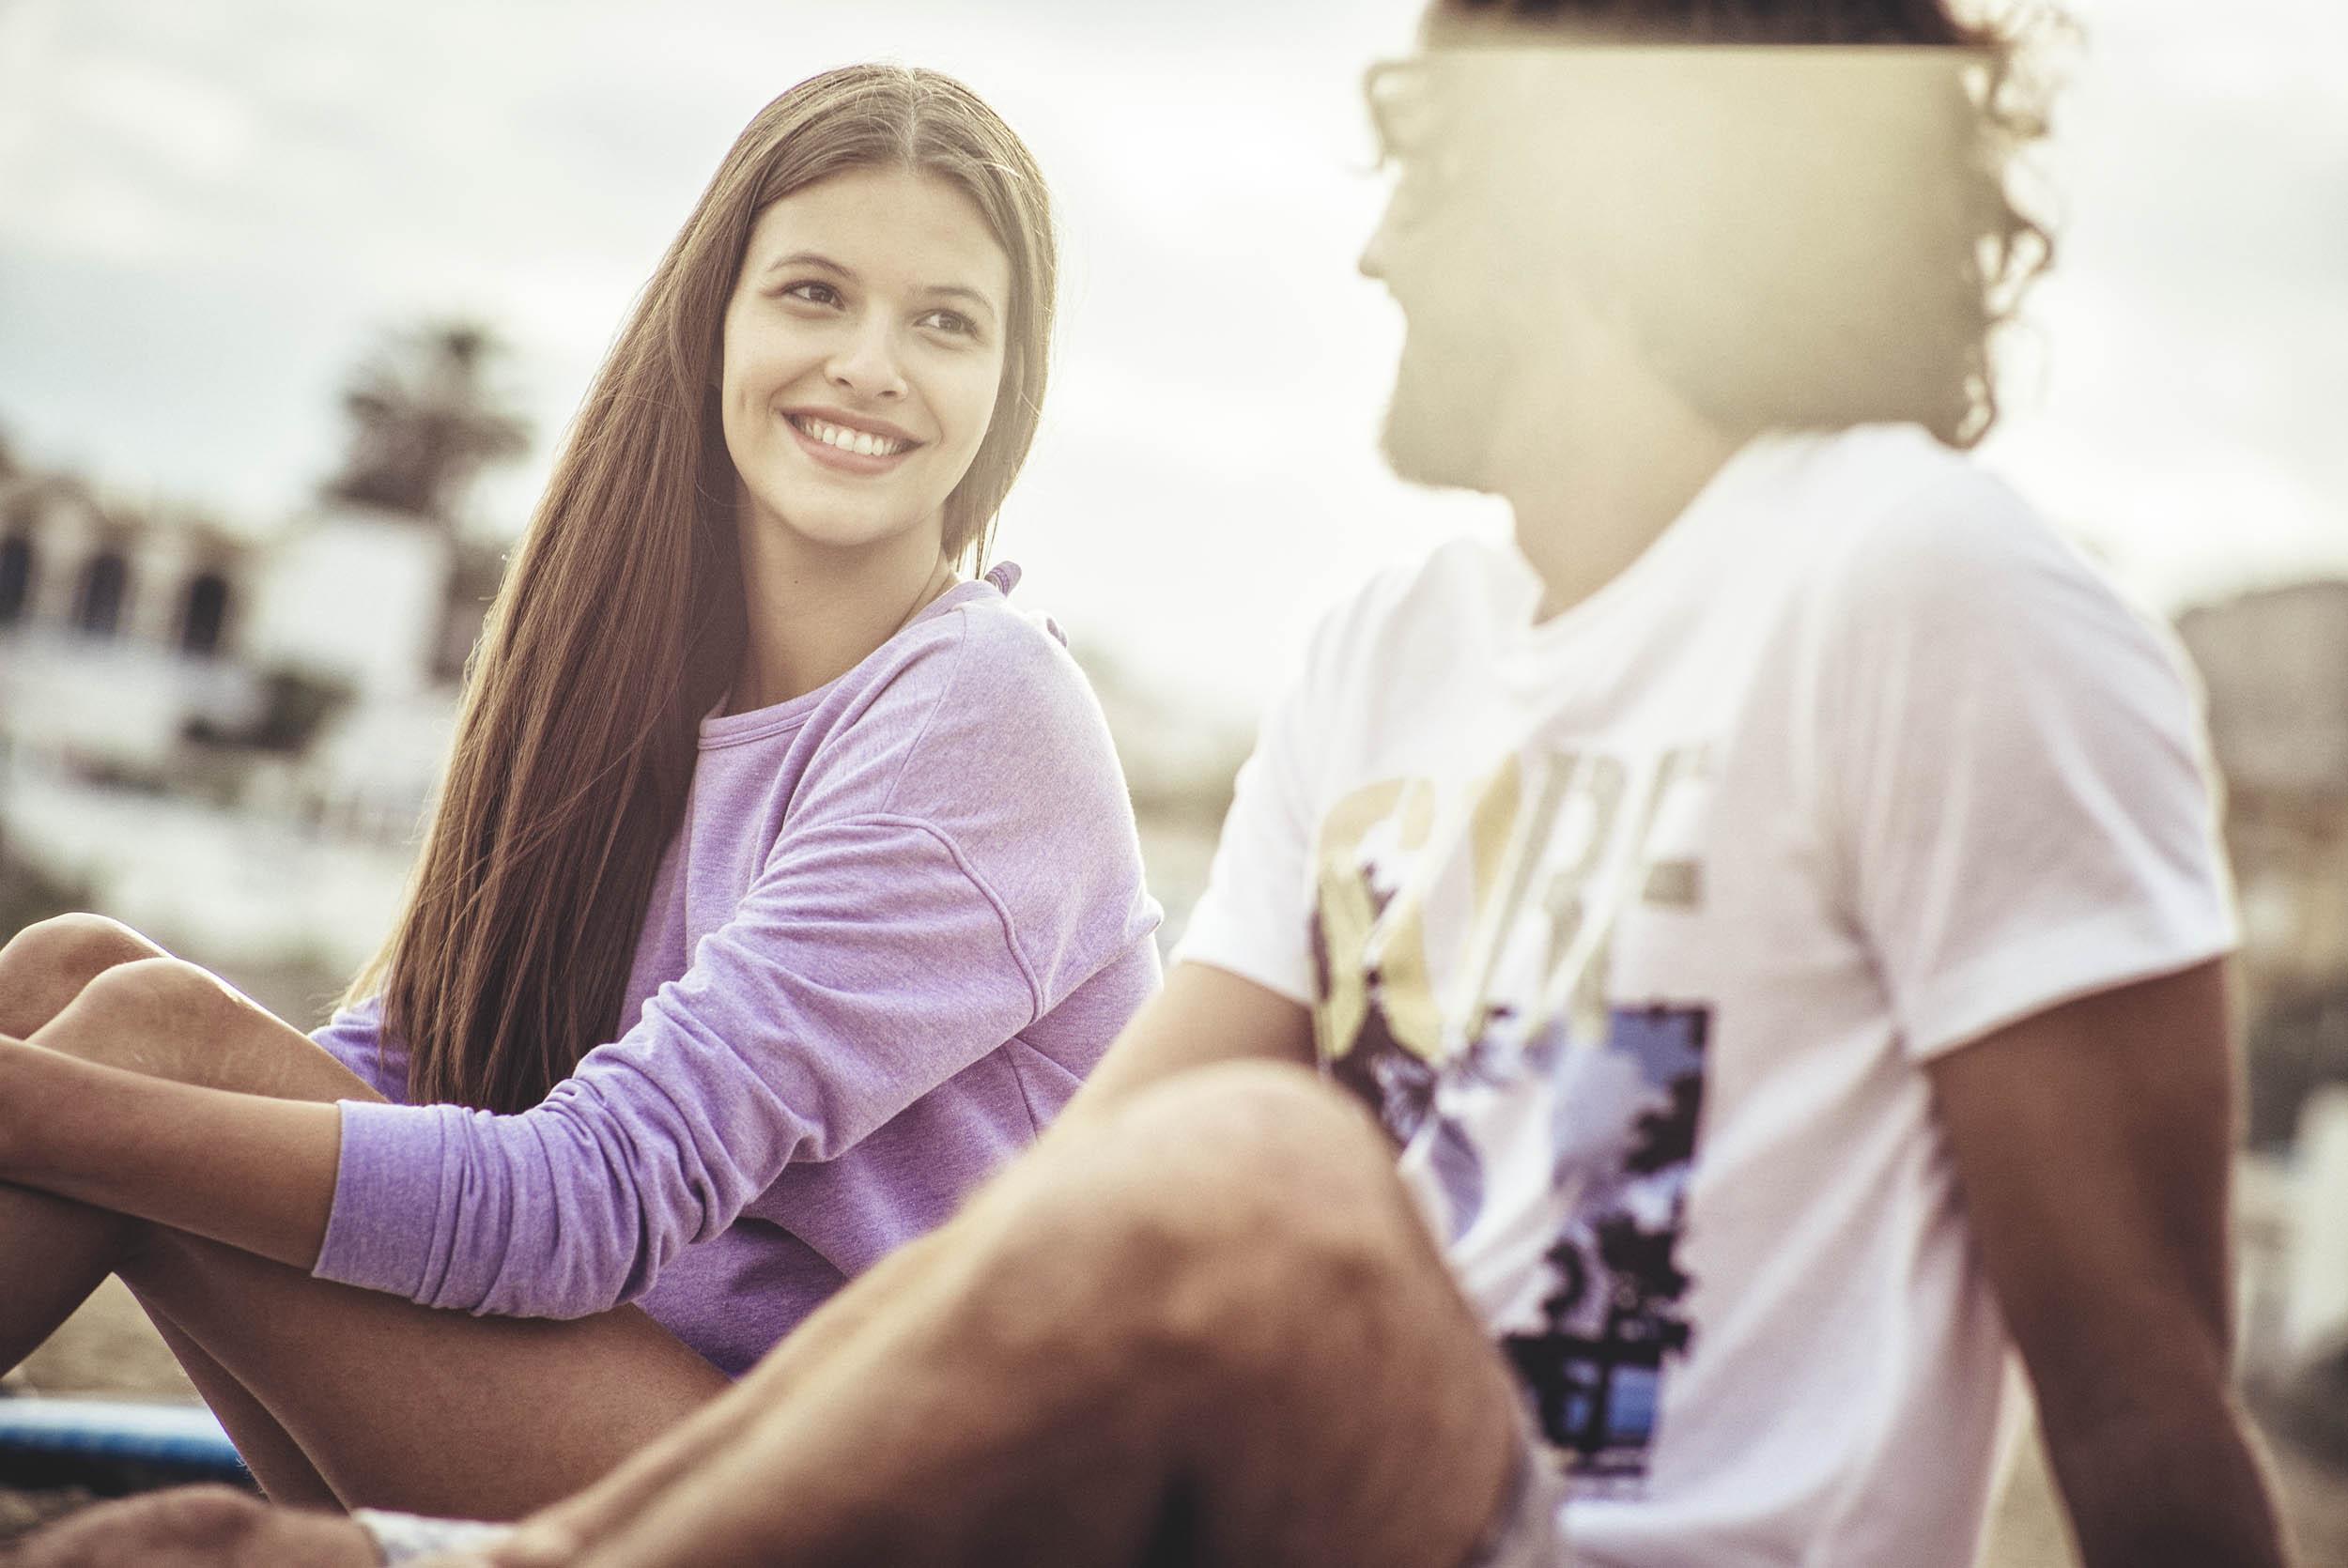 seifertuebler-lifestyle-trigema-beach-catalogue-sunset-09.jpg